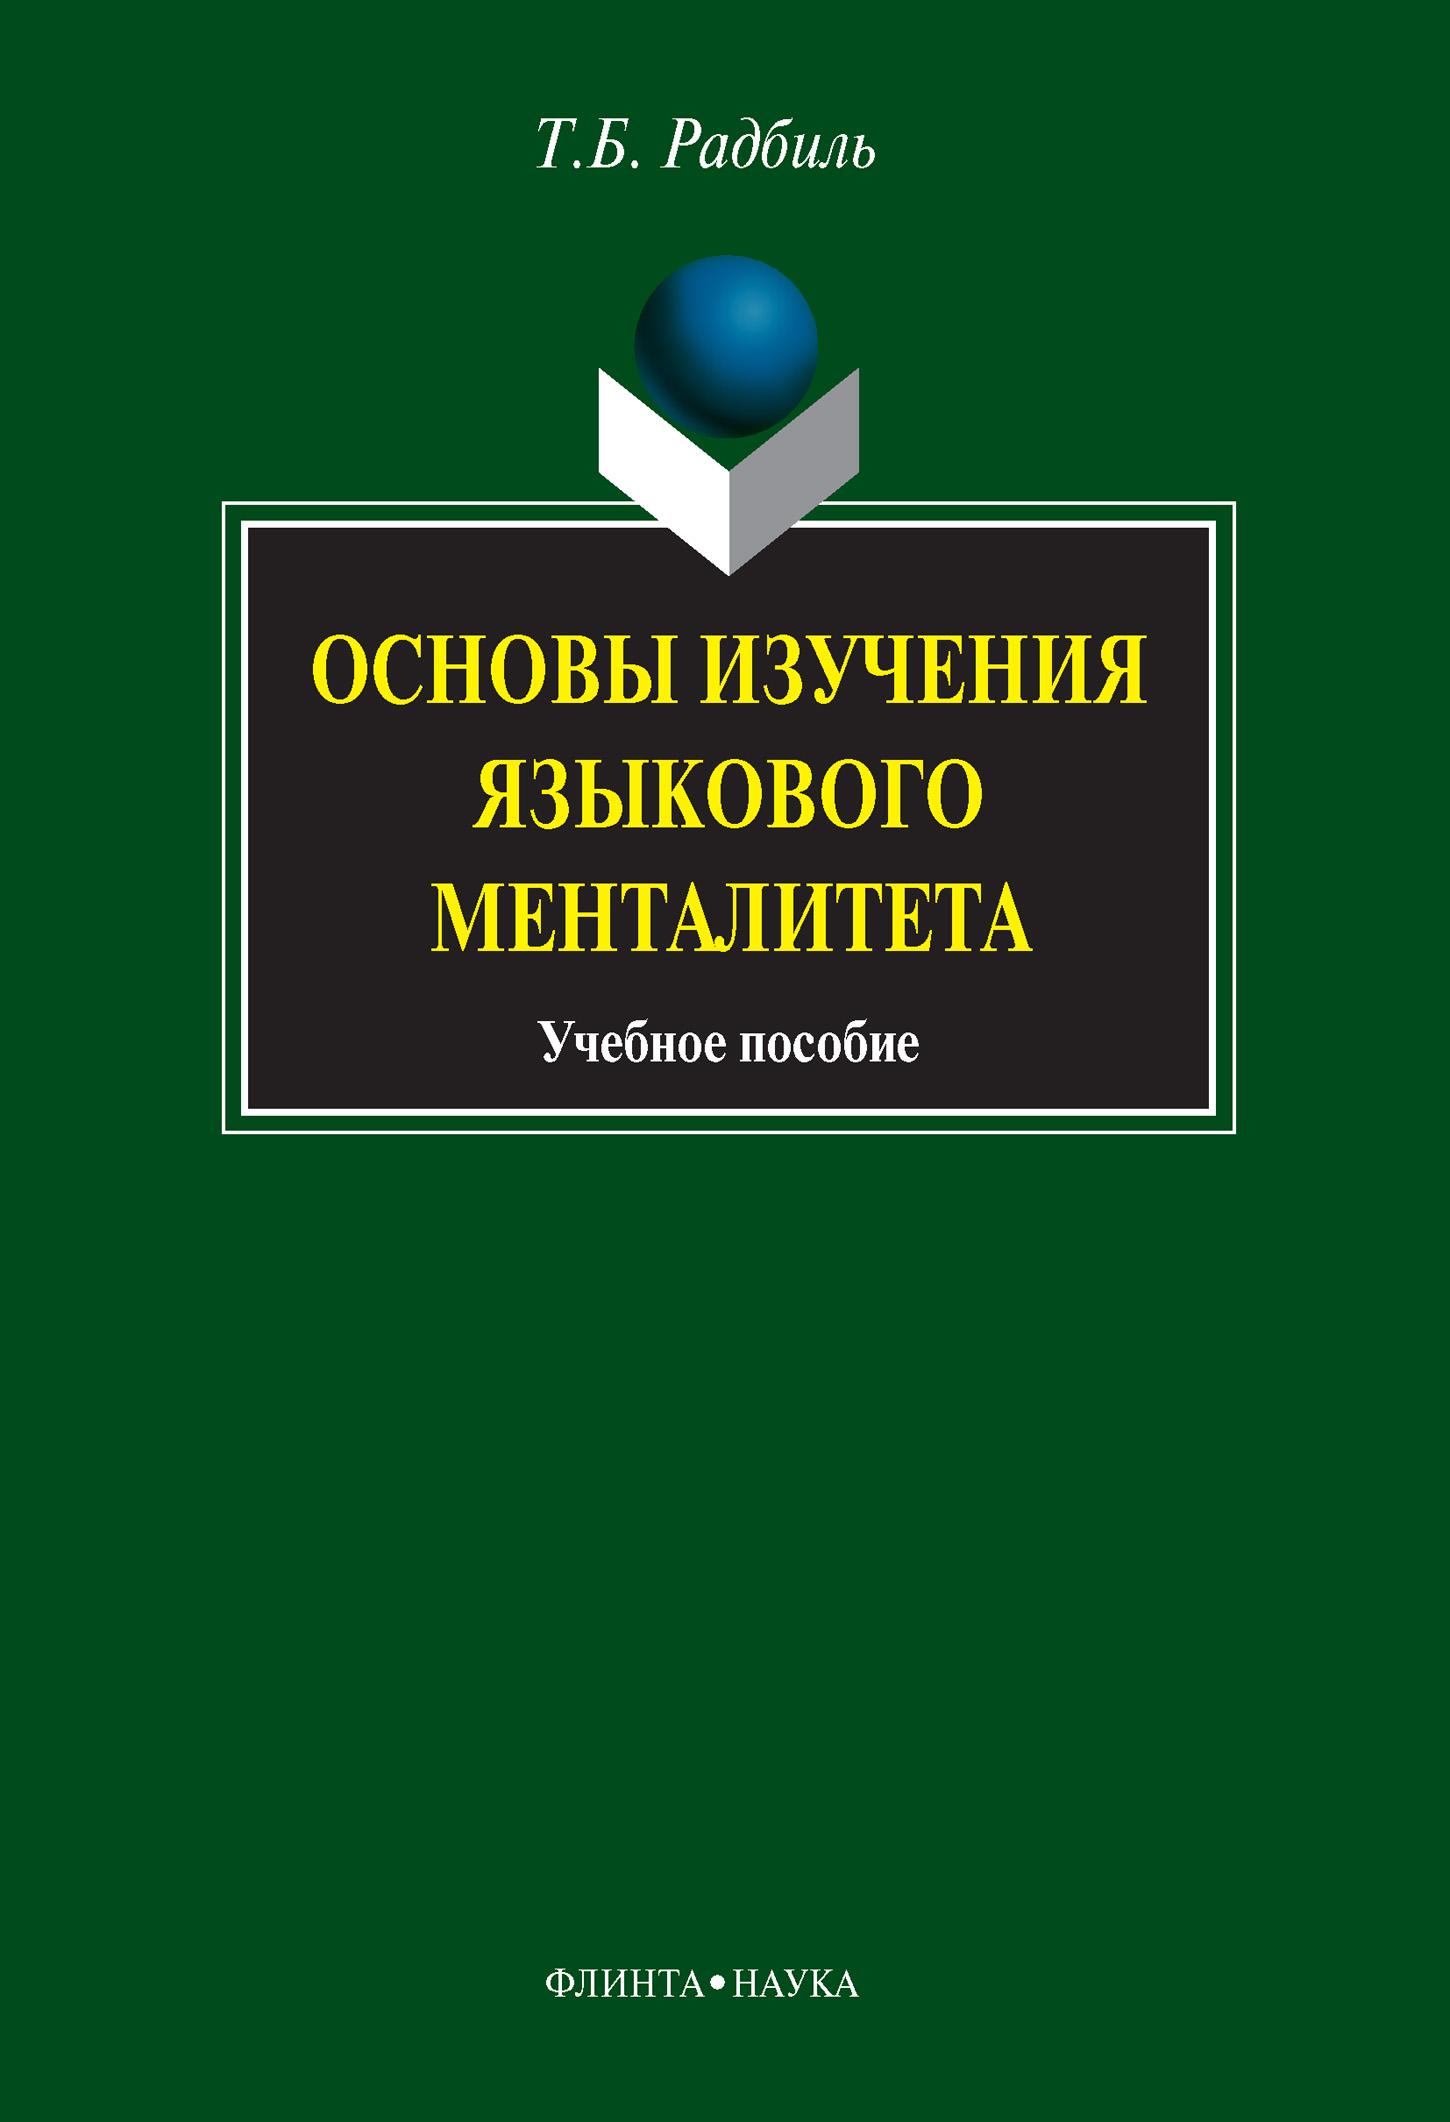 Основы изучения языкового менталитета. Учебное пособие